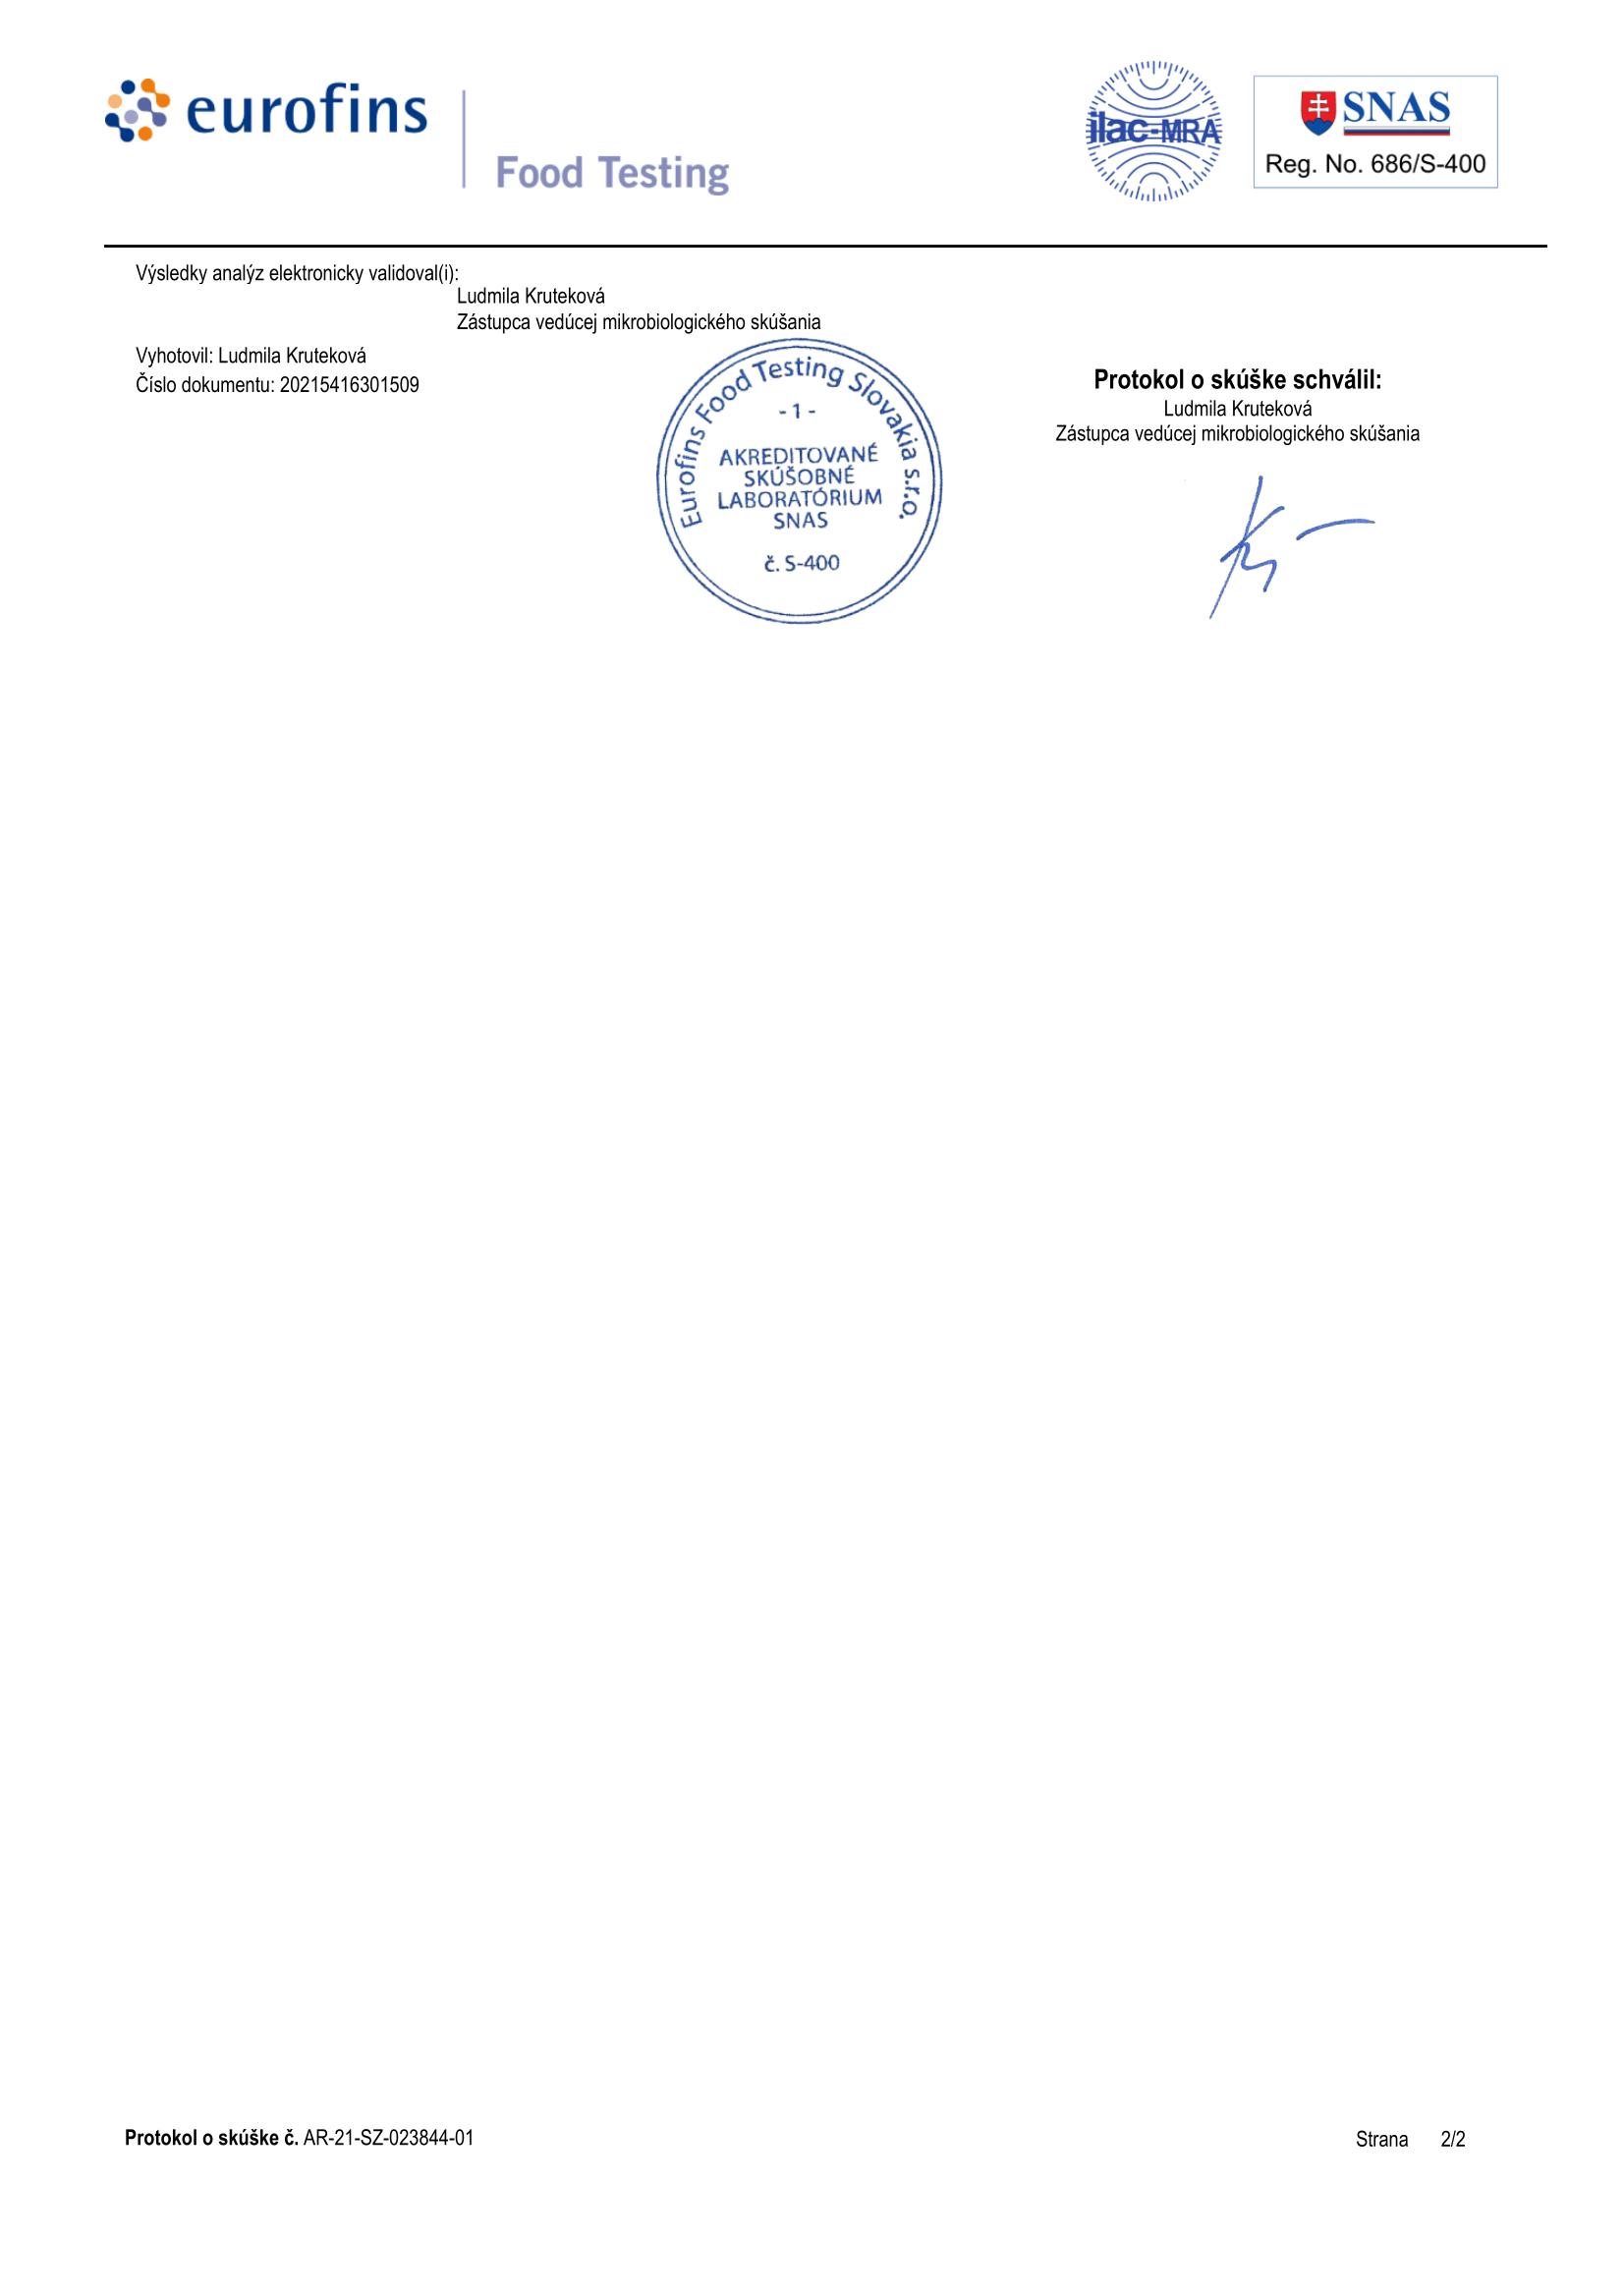 AR-21-SZ-023844-01_147-2021-00028887-2